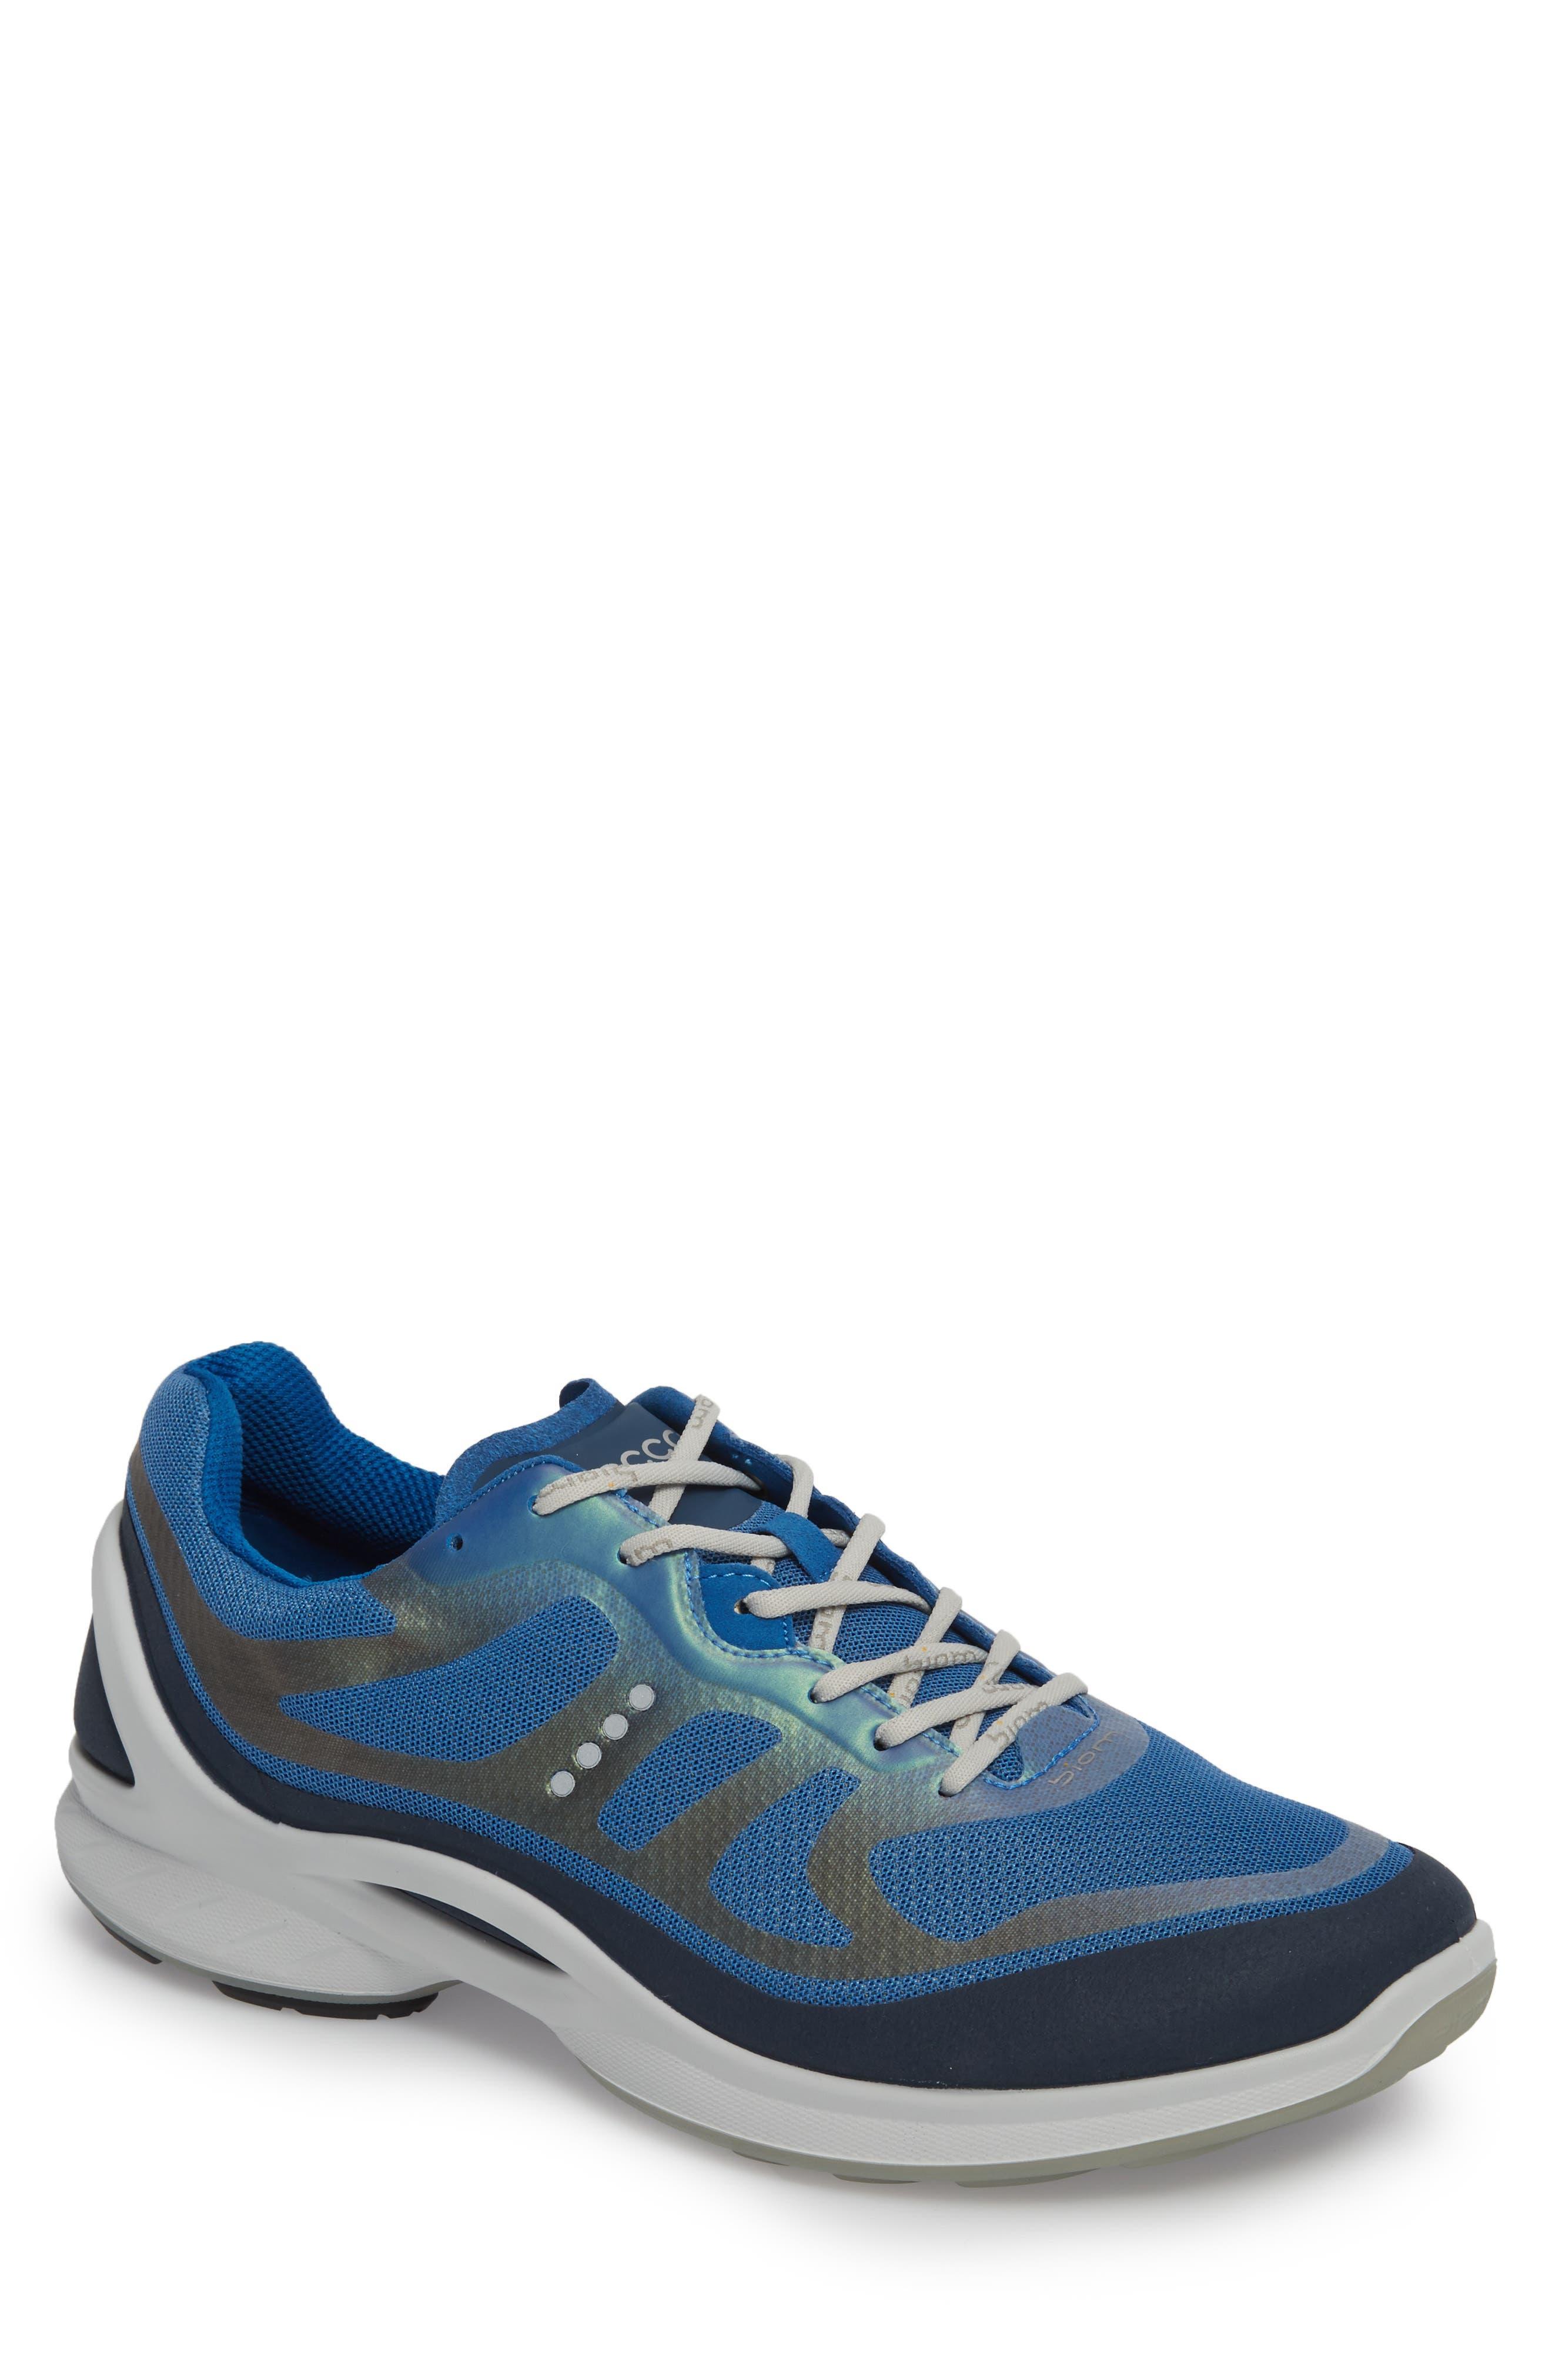 Main Image - ECCO BIOM Fjuel Tie Sneaker (Men)